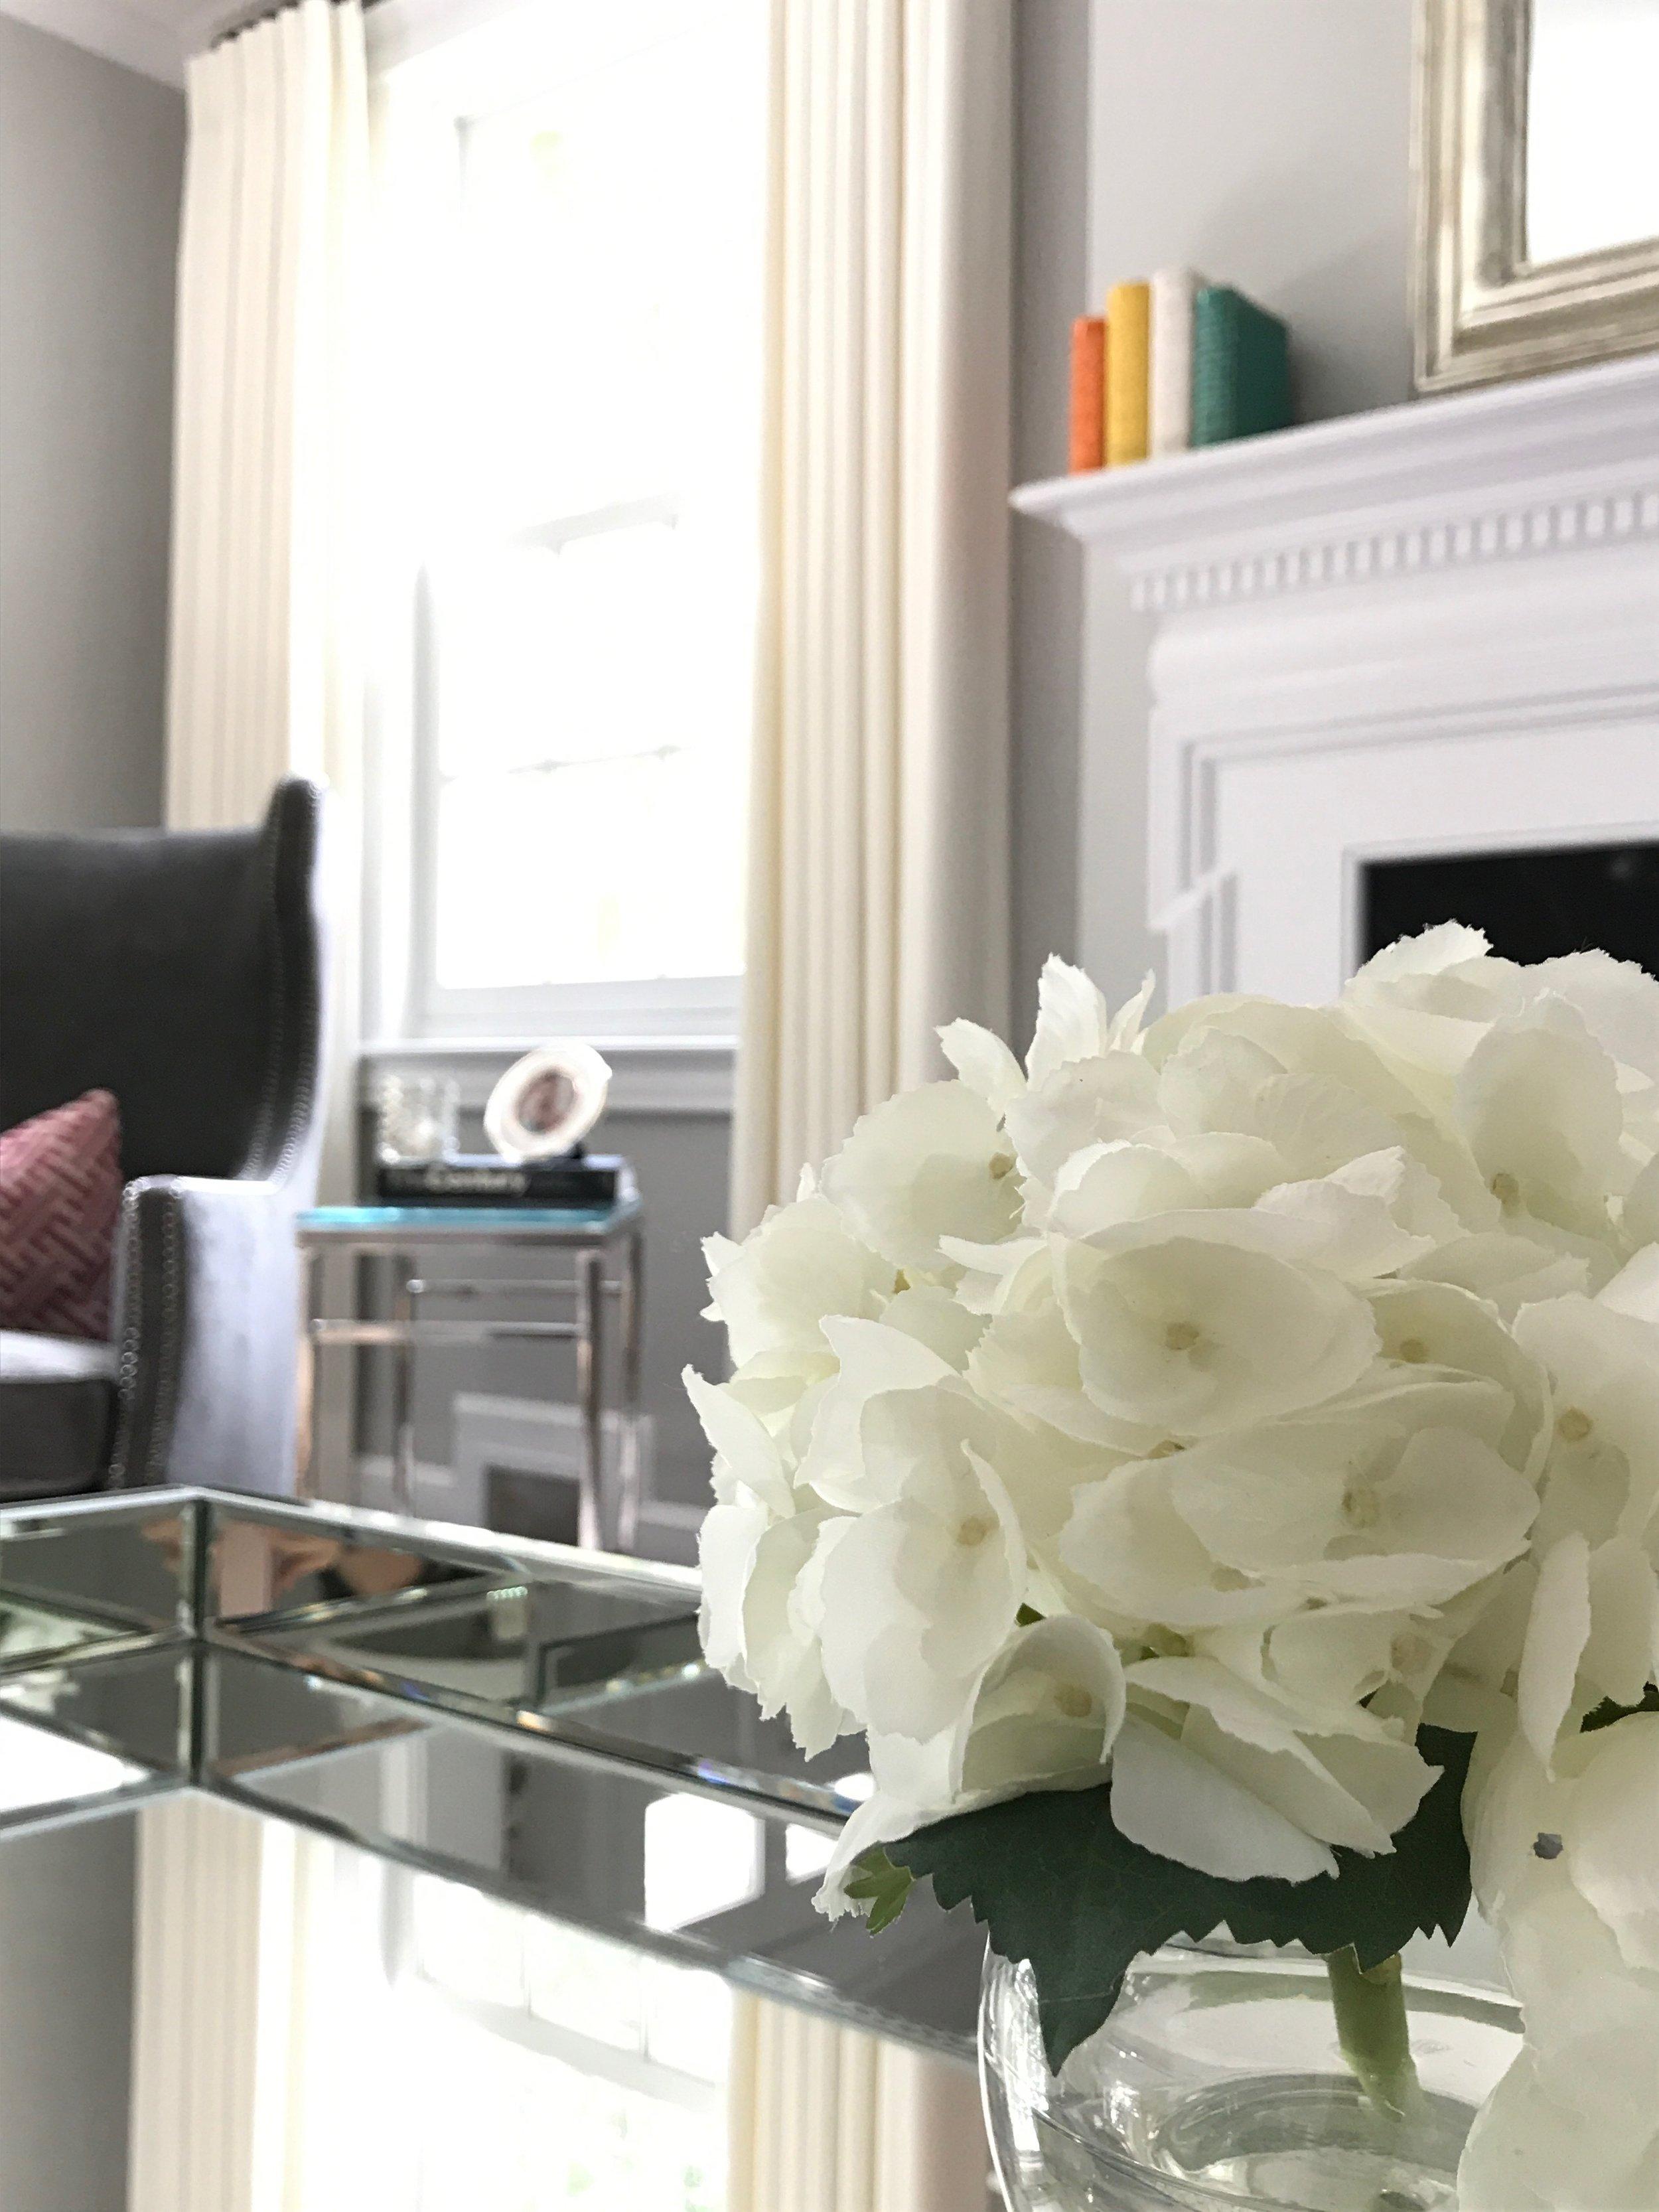 livingroomflowers.jpeg